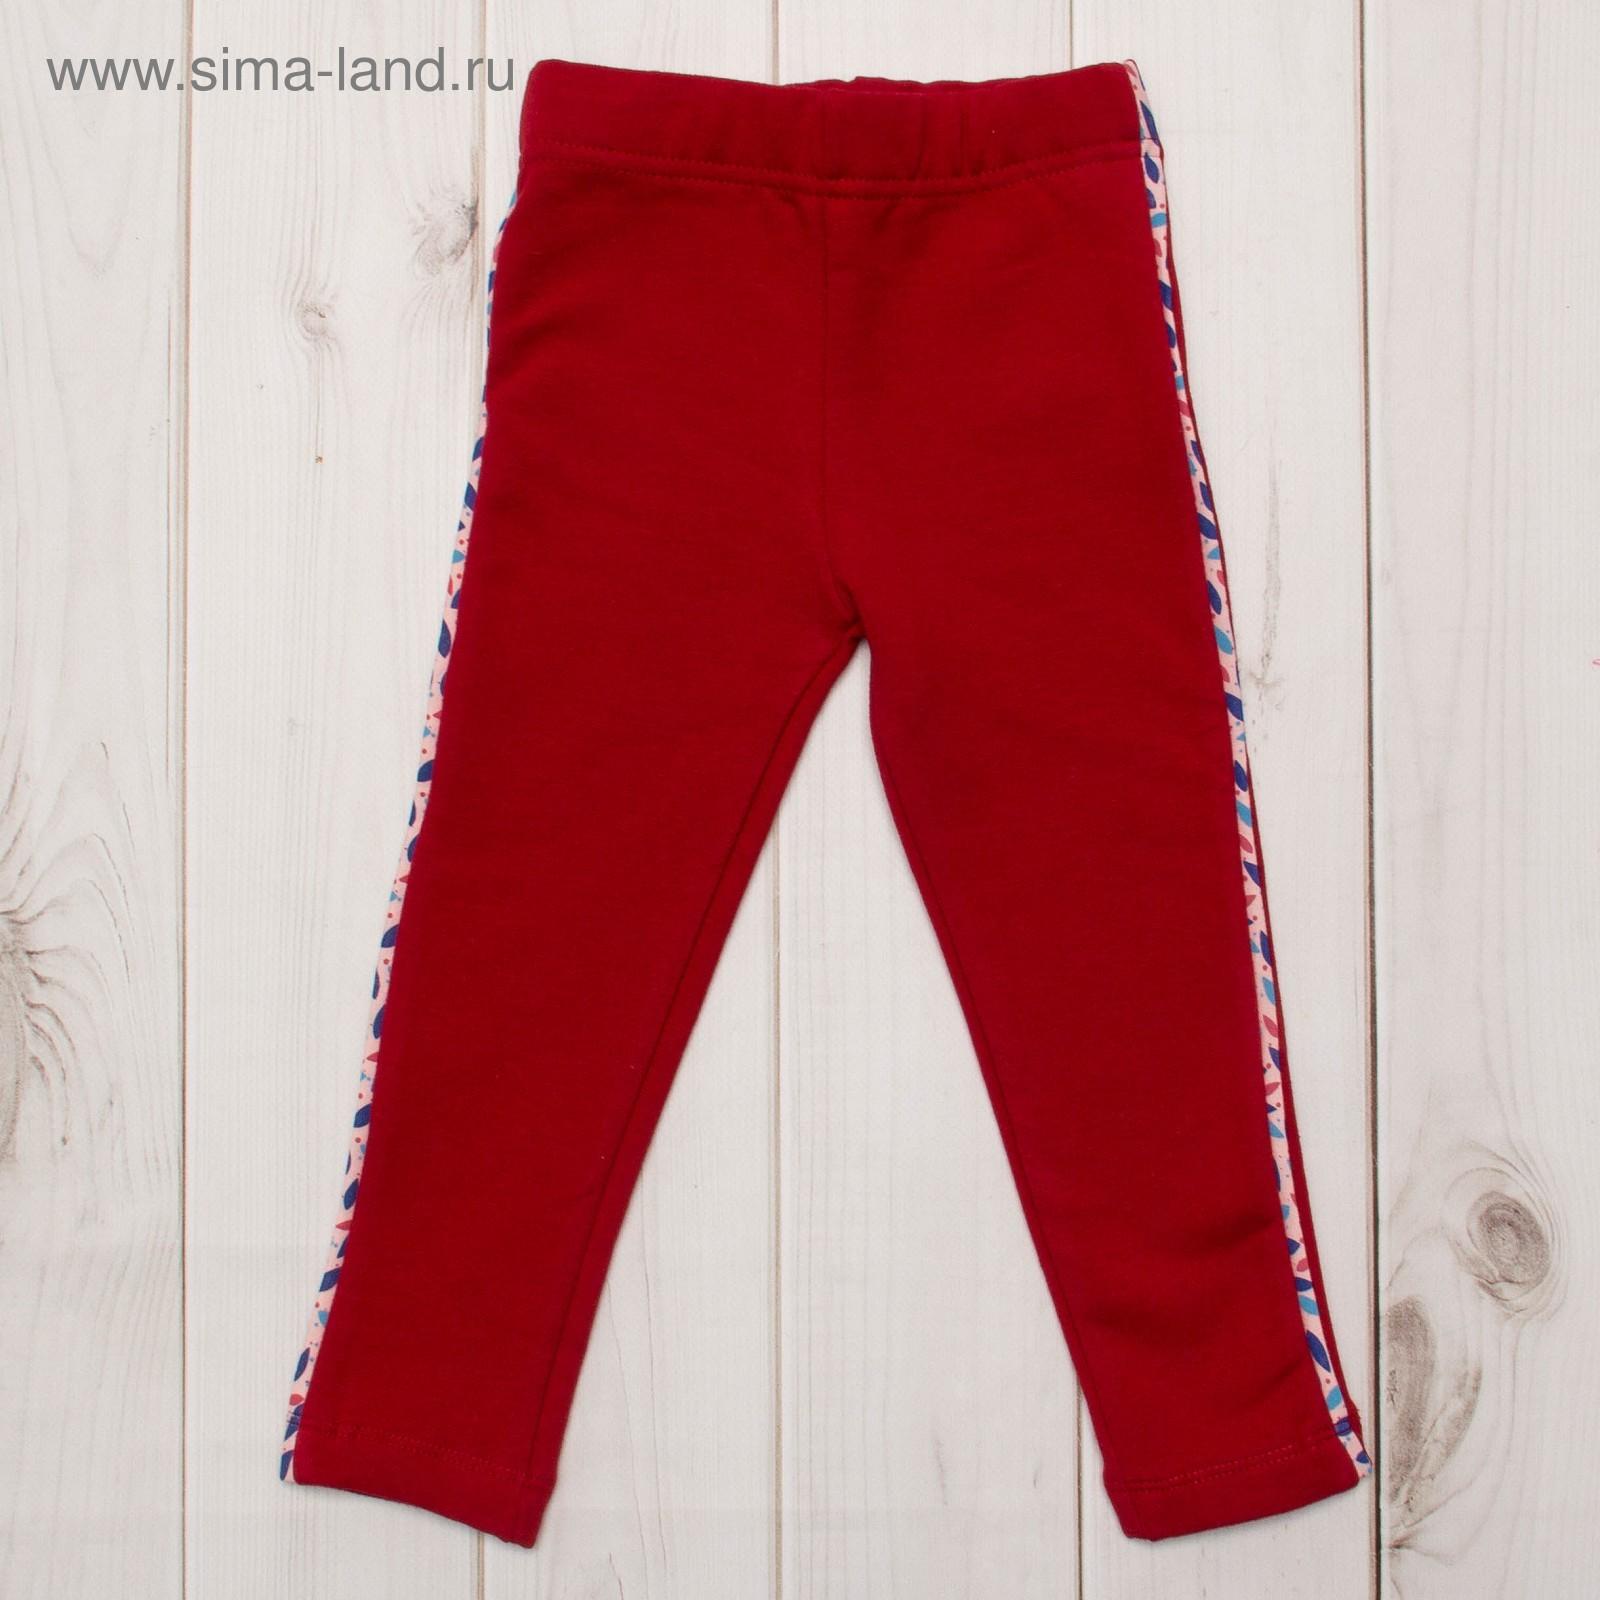 e715c0ee9068a Брюки (легинсы) для девочки, рост 104 см, цвет красный 10155 ...